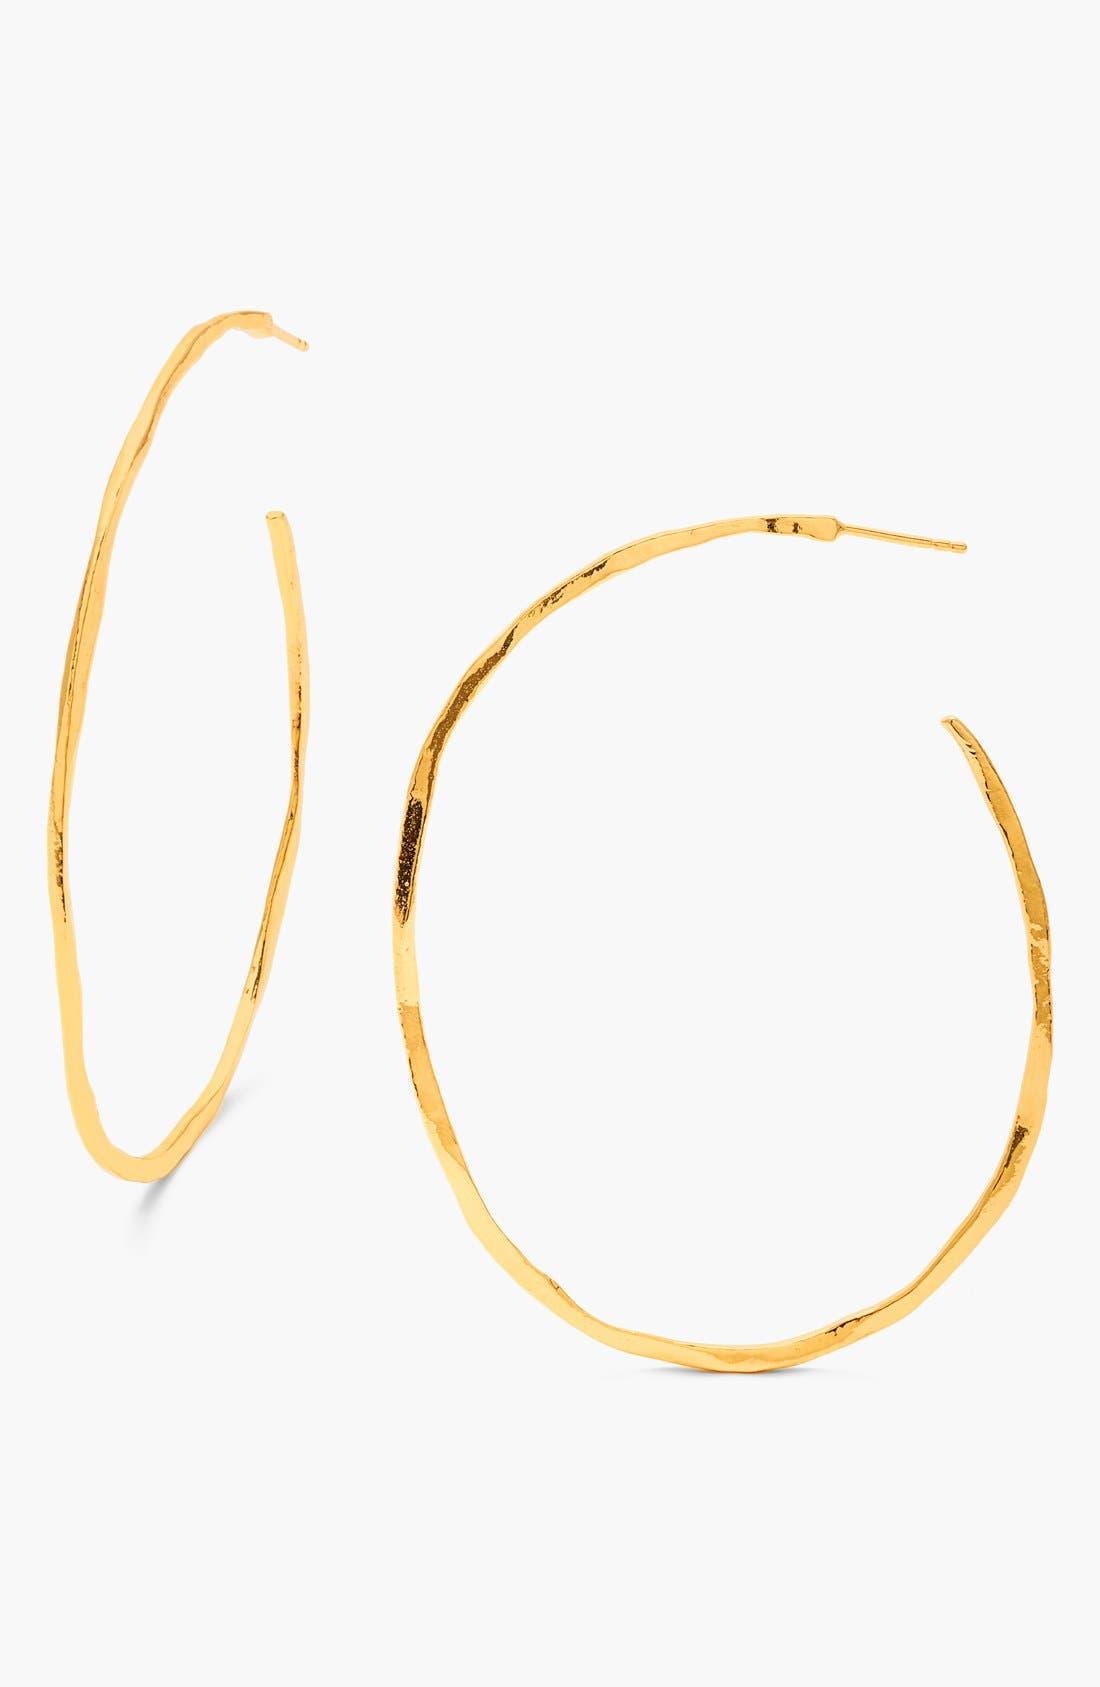 GORJANA 'Laurel' Hoop Earrings, Main, color, 710